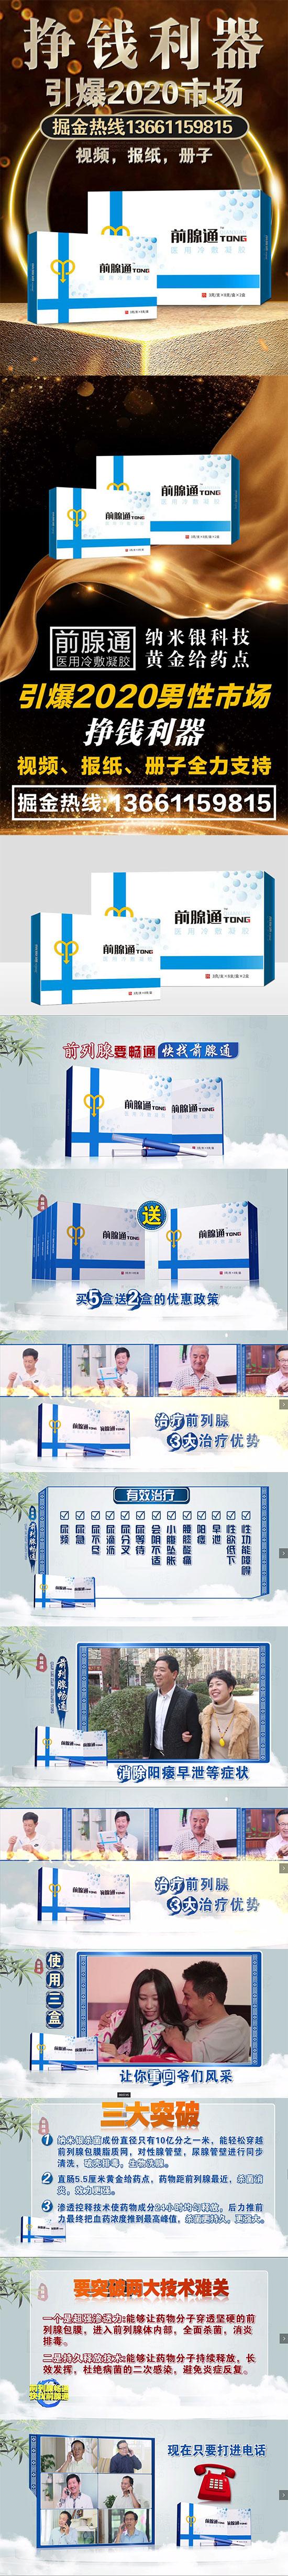 1168医药保健品网-【前腺通】招商代理彩页